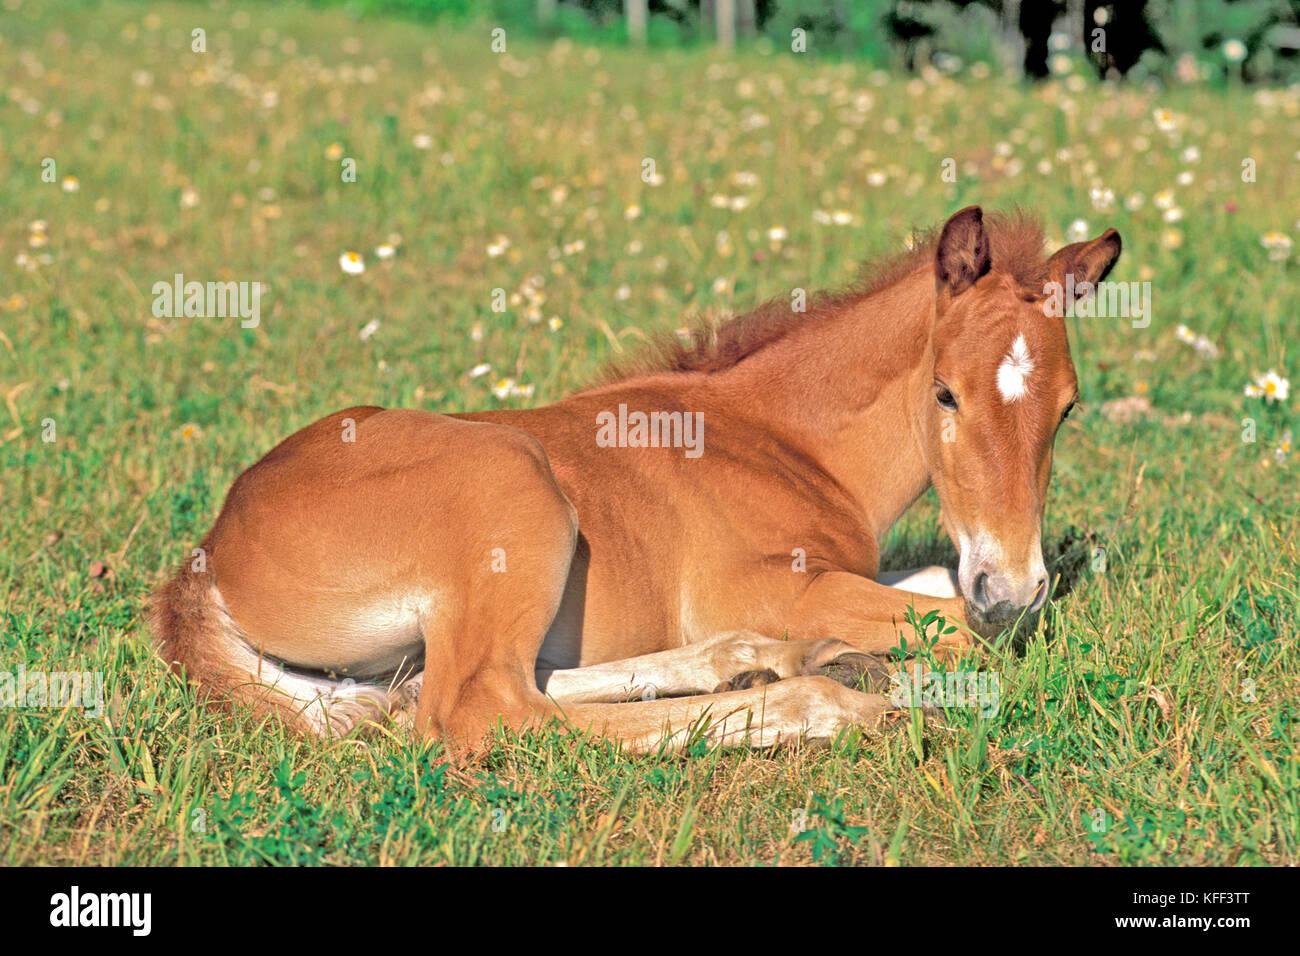 Quarterhorse Foal resting in meadow of flowers Quarterhorse Fohlen liegt in Blumenwiese - Stock Image